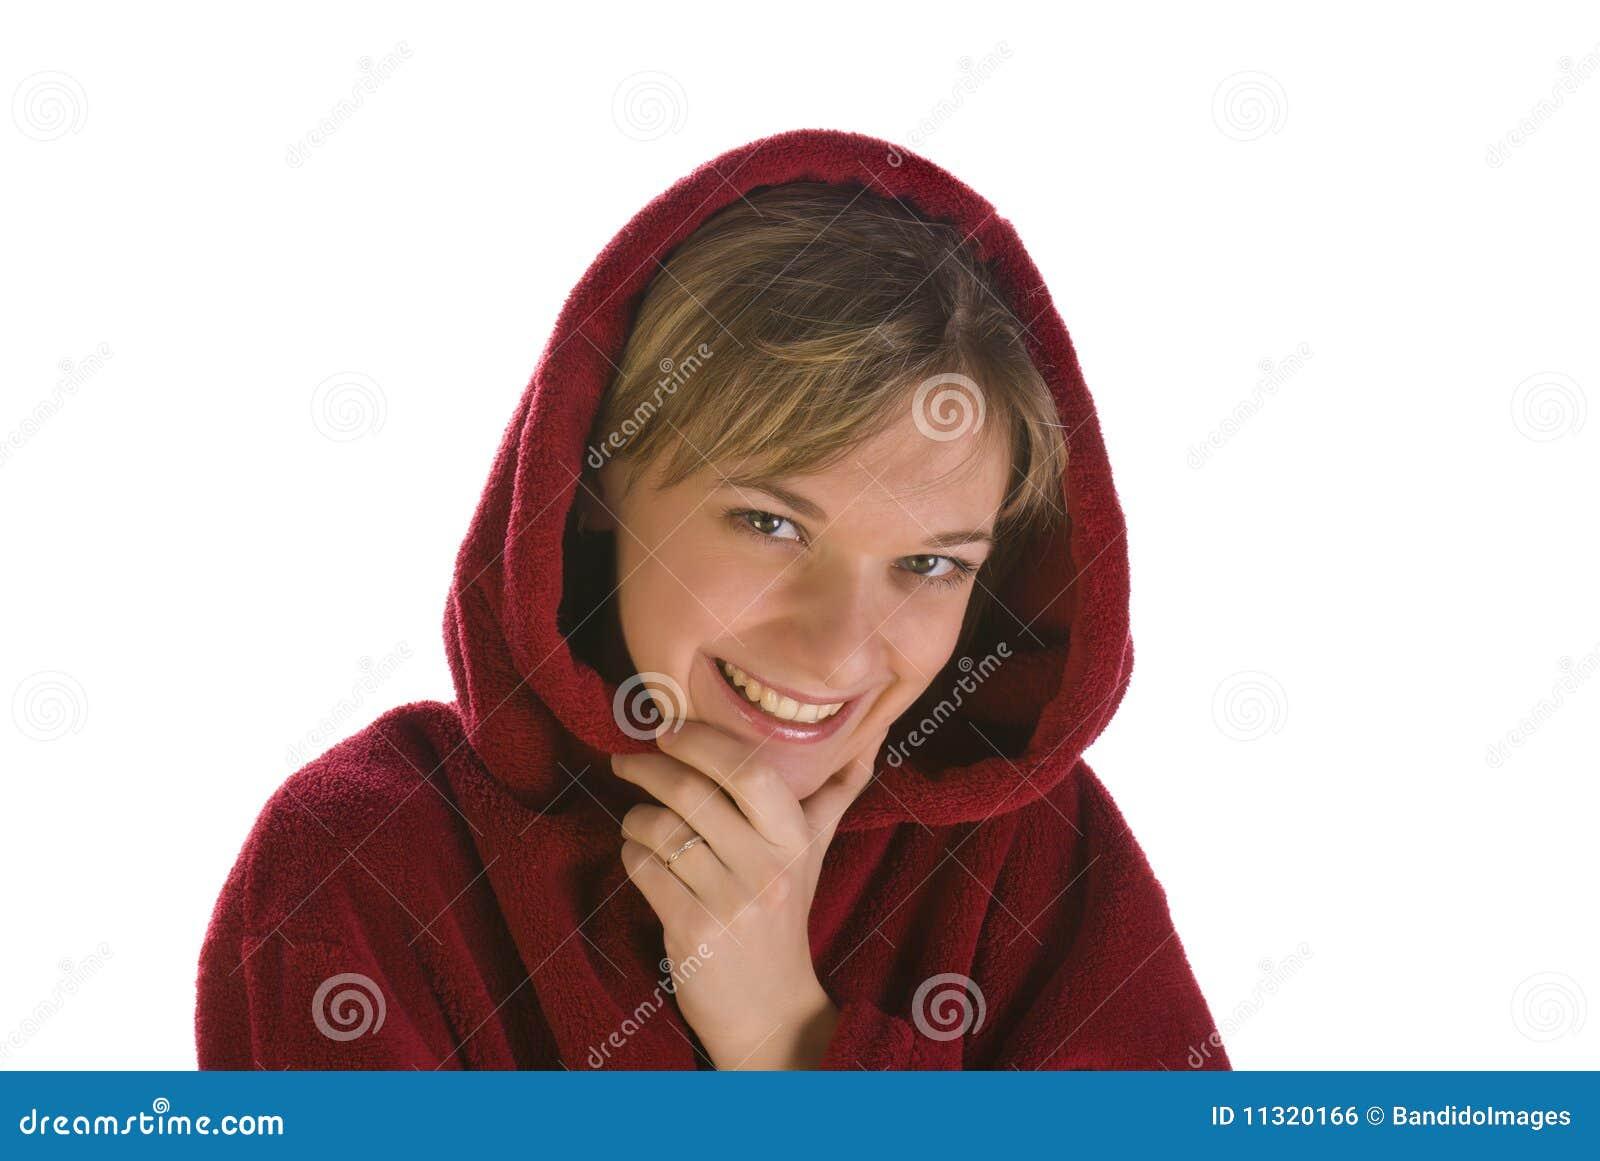 Junge Frau in einem roten Bademantellächeln